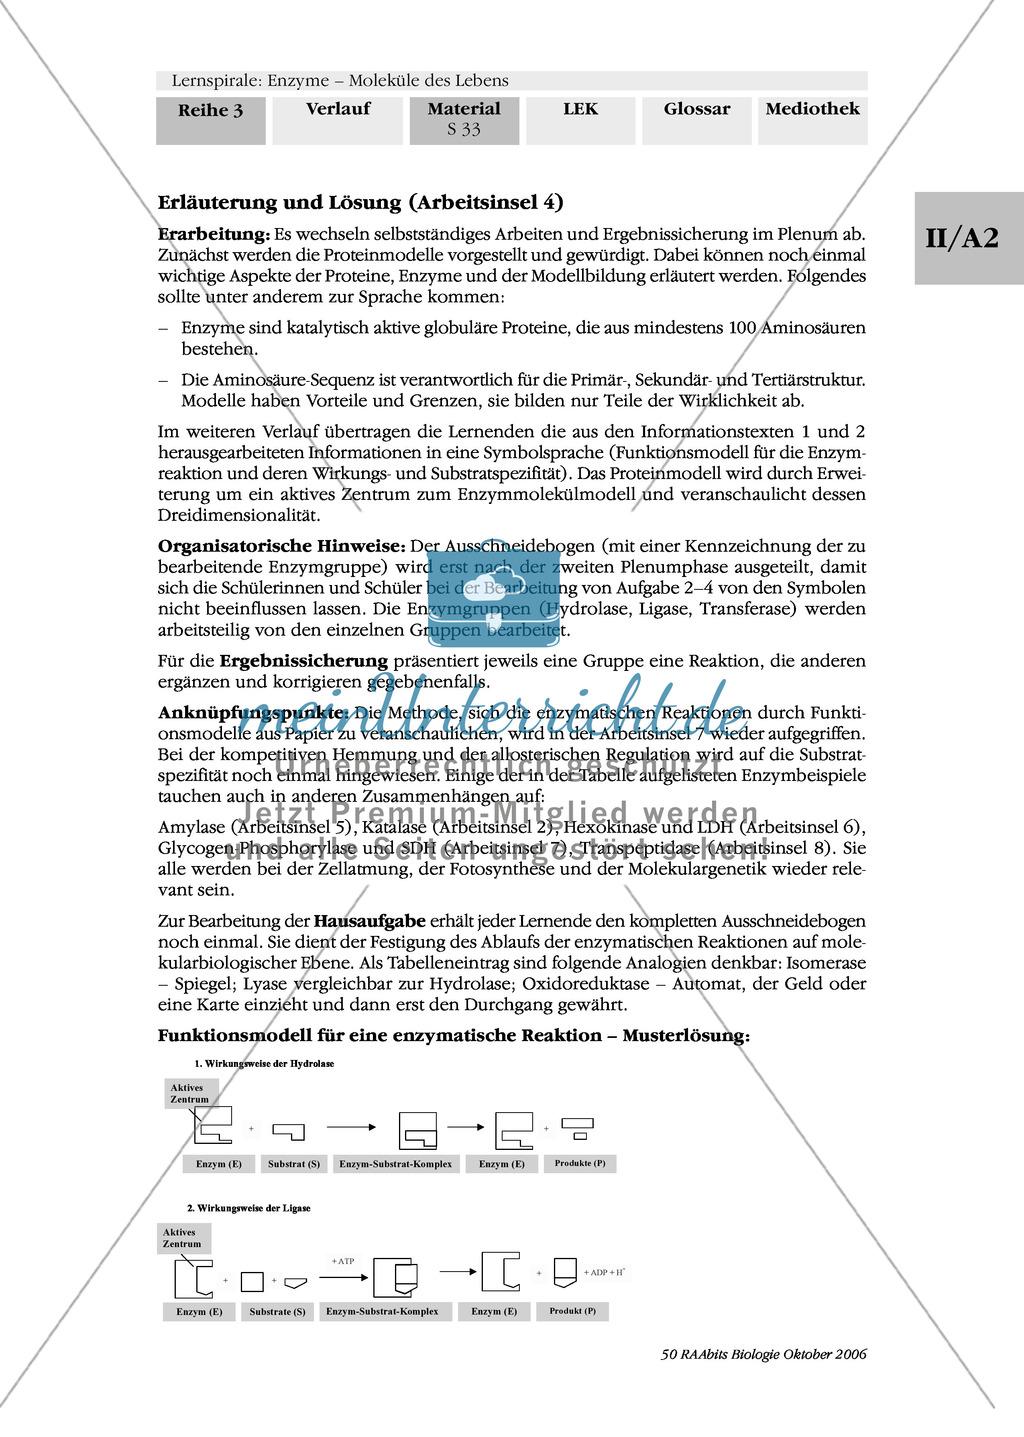 Enzyme: Arbeitsinseln zu den Themen Stoffwechsel, Enzymreaktionen, Hemmstoffe, Cofaktoren, Regulation Preview 25